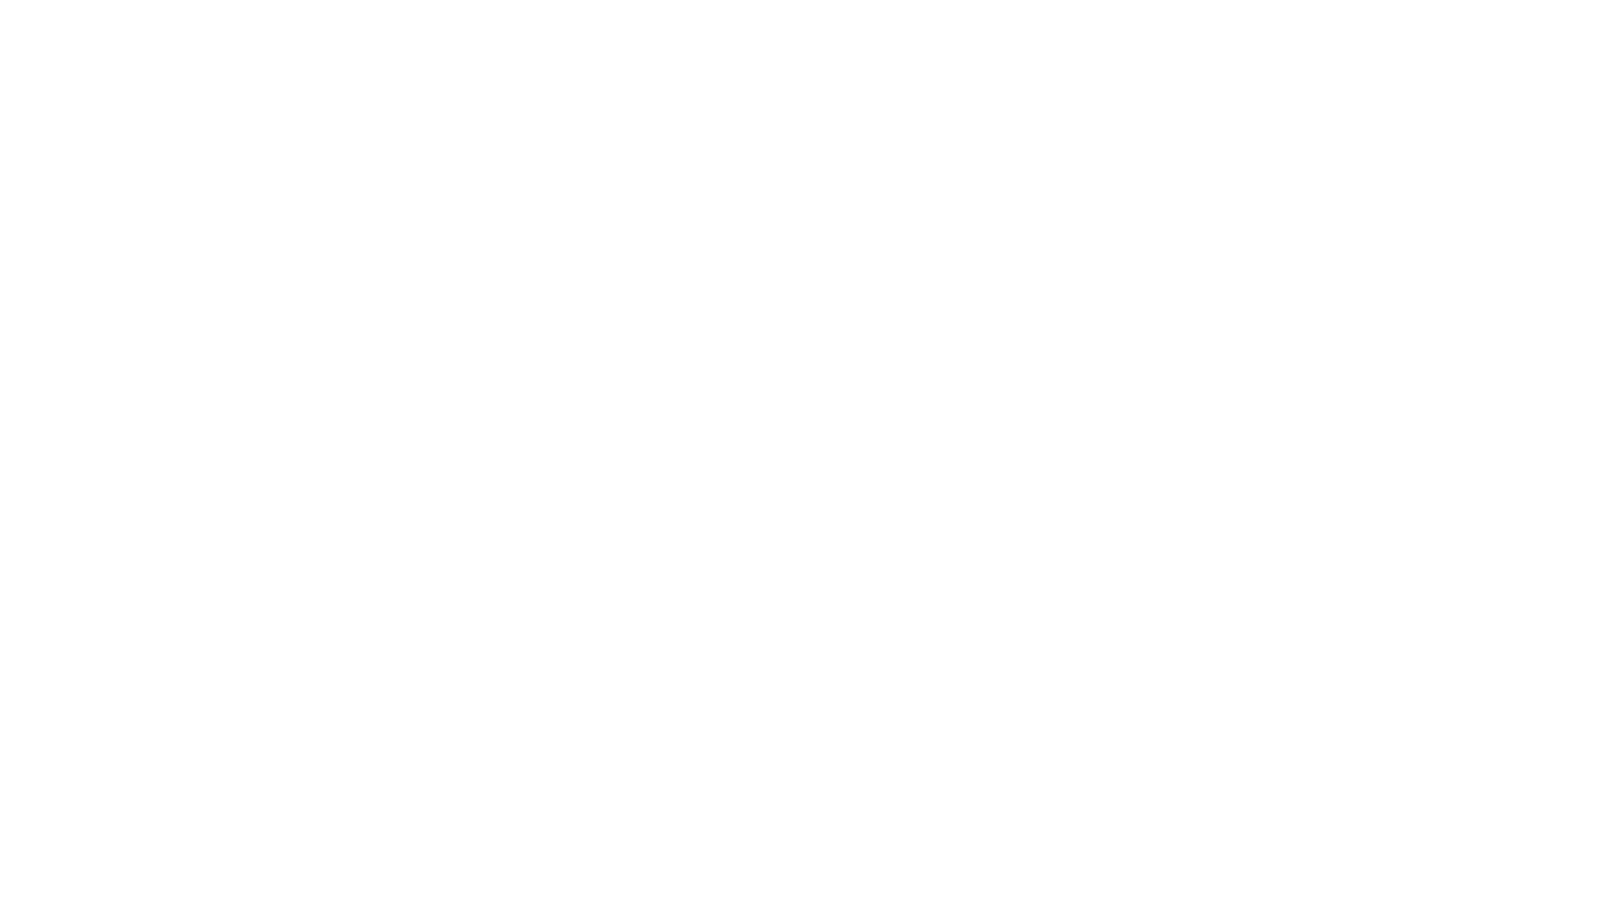 Juan Enriquez nos propone una manera de abordar la educación en América Latina para aprovechar las oportunidades de las disrupciones tecnológicas que van a cambiar las reglas de juego de muchas industrias en los próximos años.Juan Enriquez piensa y escribe sobre los profundos cambios que la genómica y otras ciencias traen a los negocios, tecnología, política y sociedad.TED en Español difunde ideas de TED en nuestro idioma. Más ideas de TED en Español: http://TEDenEspanol.com Suscríbete al podcast de TED en Español: http://hyperurl.co/ted-en-espanol Suscríbete al canal de Youtube: https://www.youtube.com/tedespanol Síguenos en Facebook: https://www.facebook.com/TEDenEspanol Síguenos en Twitter:  https://twitter.com/TEDenEspanol Suscríbete al boletín de TED en Español: https://goo.gl/kXNJTy